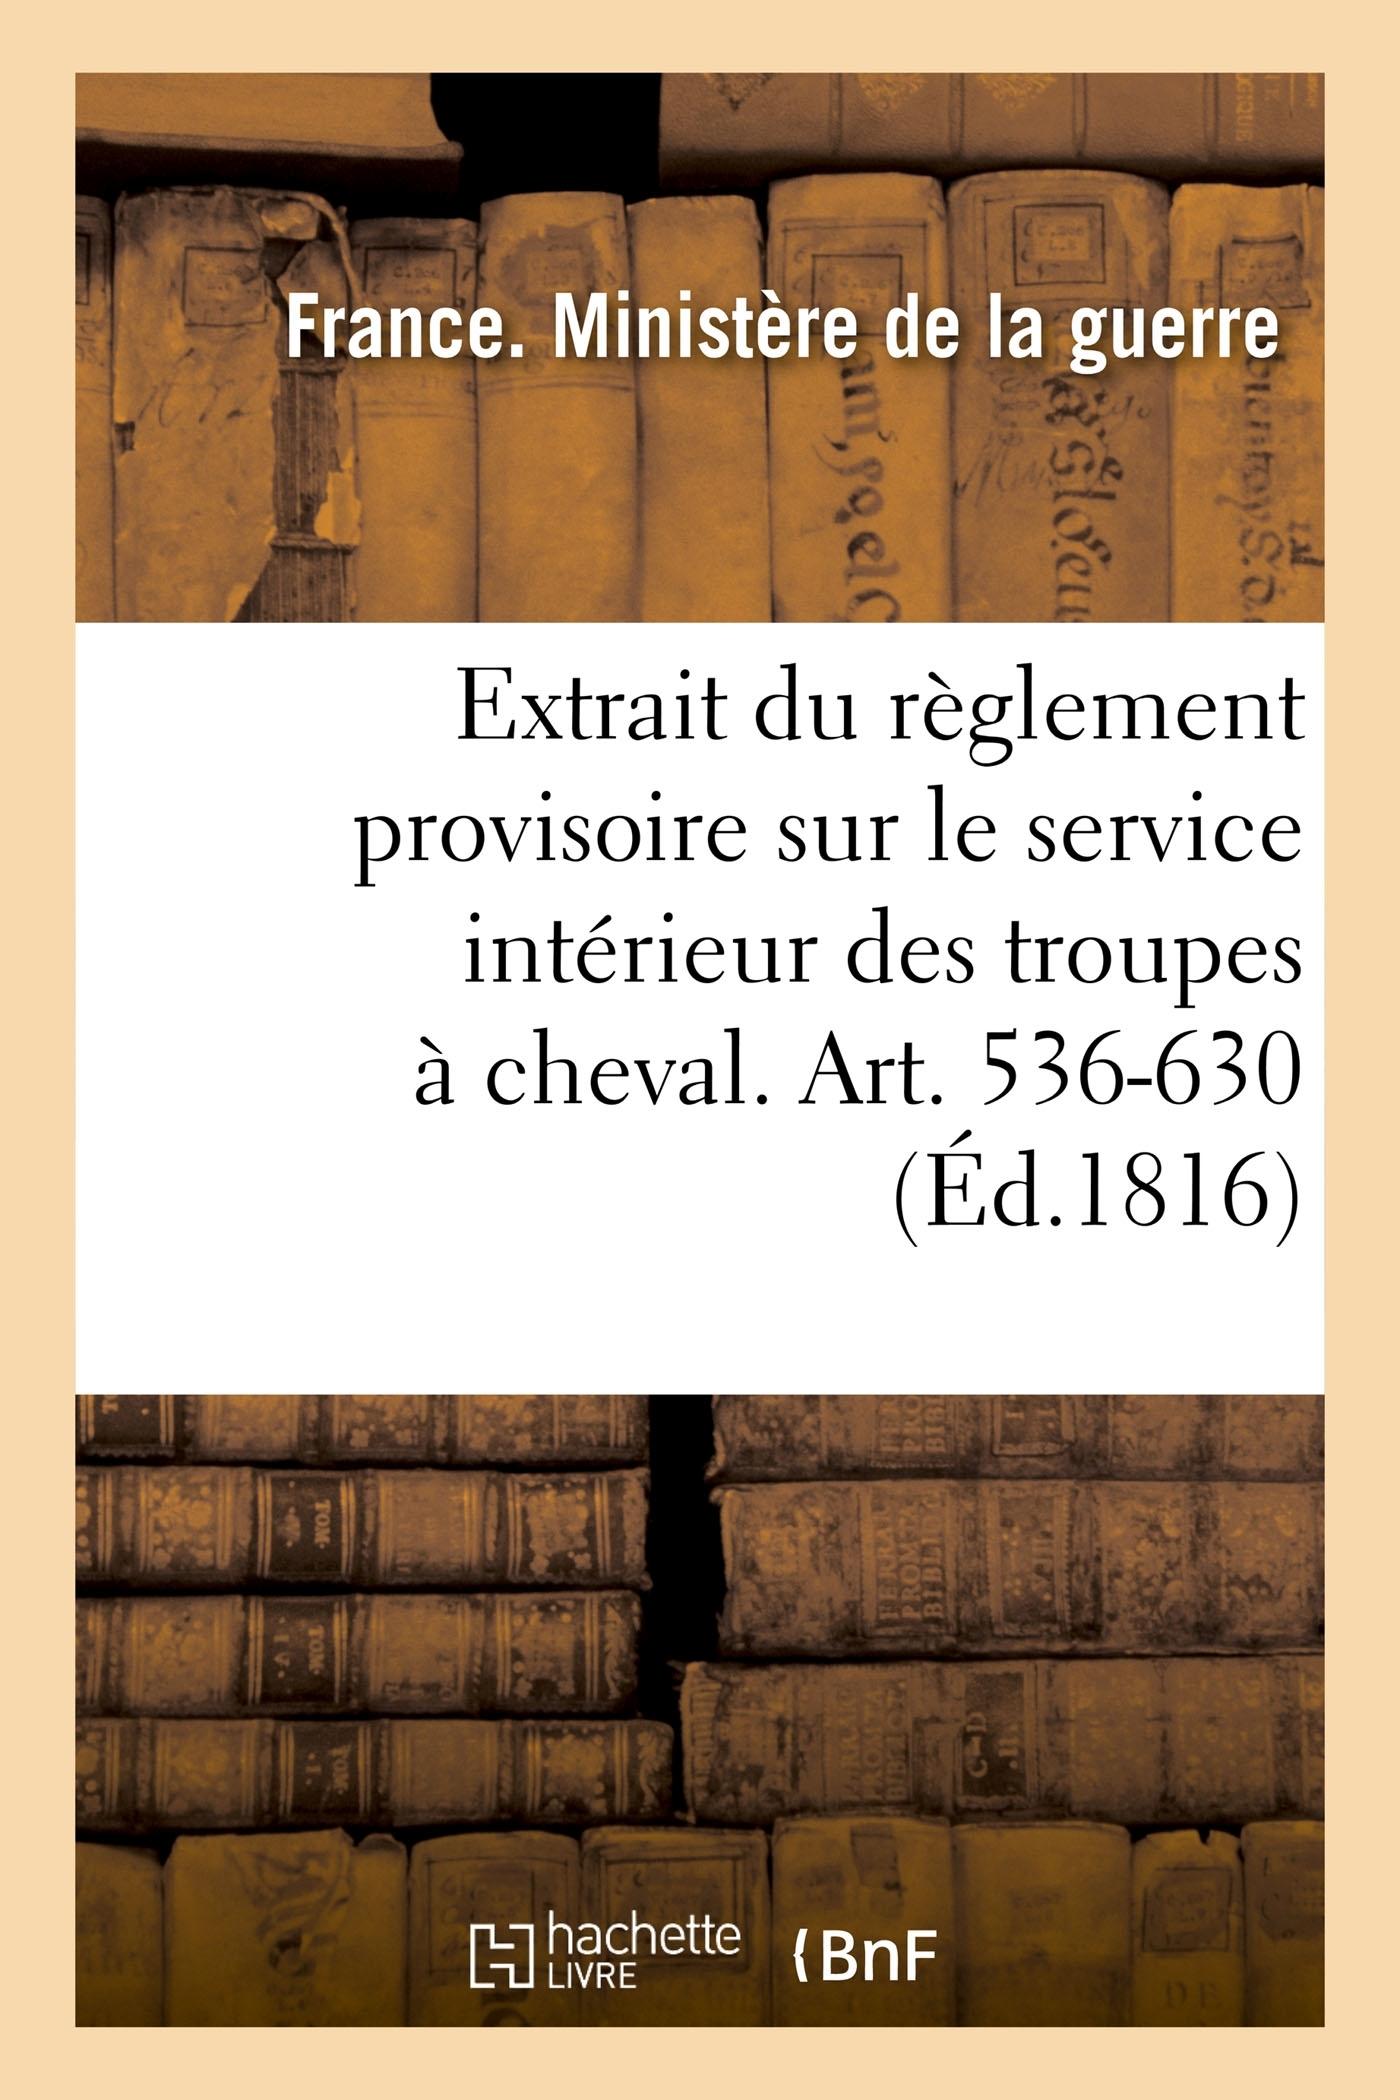 EXTRAIT DU REGLEMENT PROVISOIRE SUR LE SERVICE INTERIEUR DES TROUPES A CHEVAL. ART. 536-630